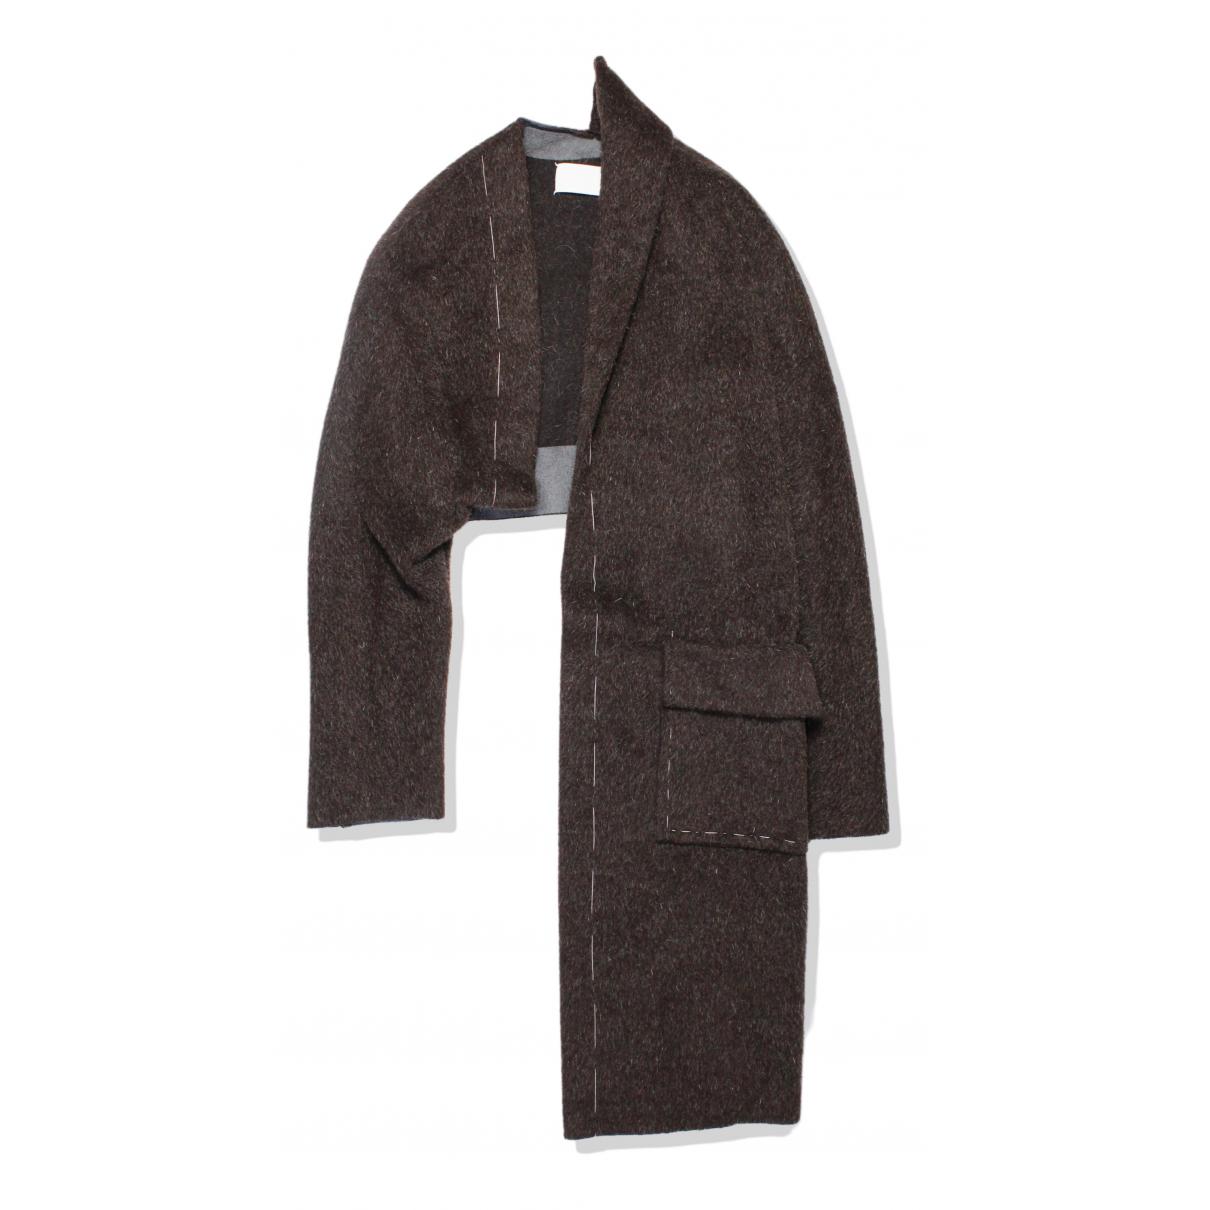 Maison Martin Margiela \N Brown Wool coat for Women 40 IT